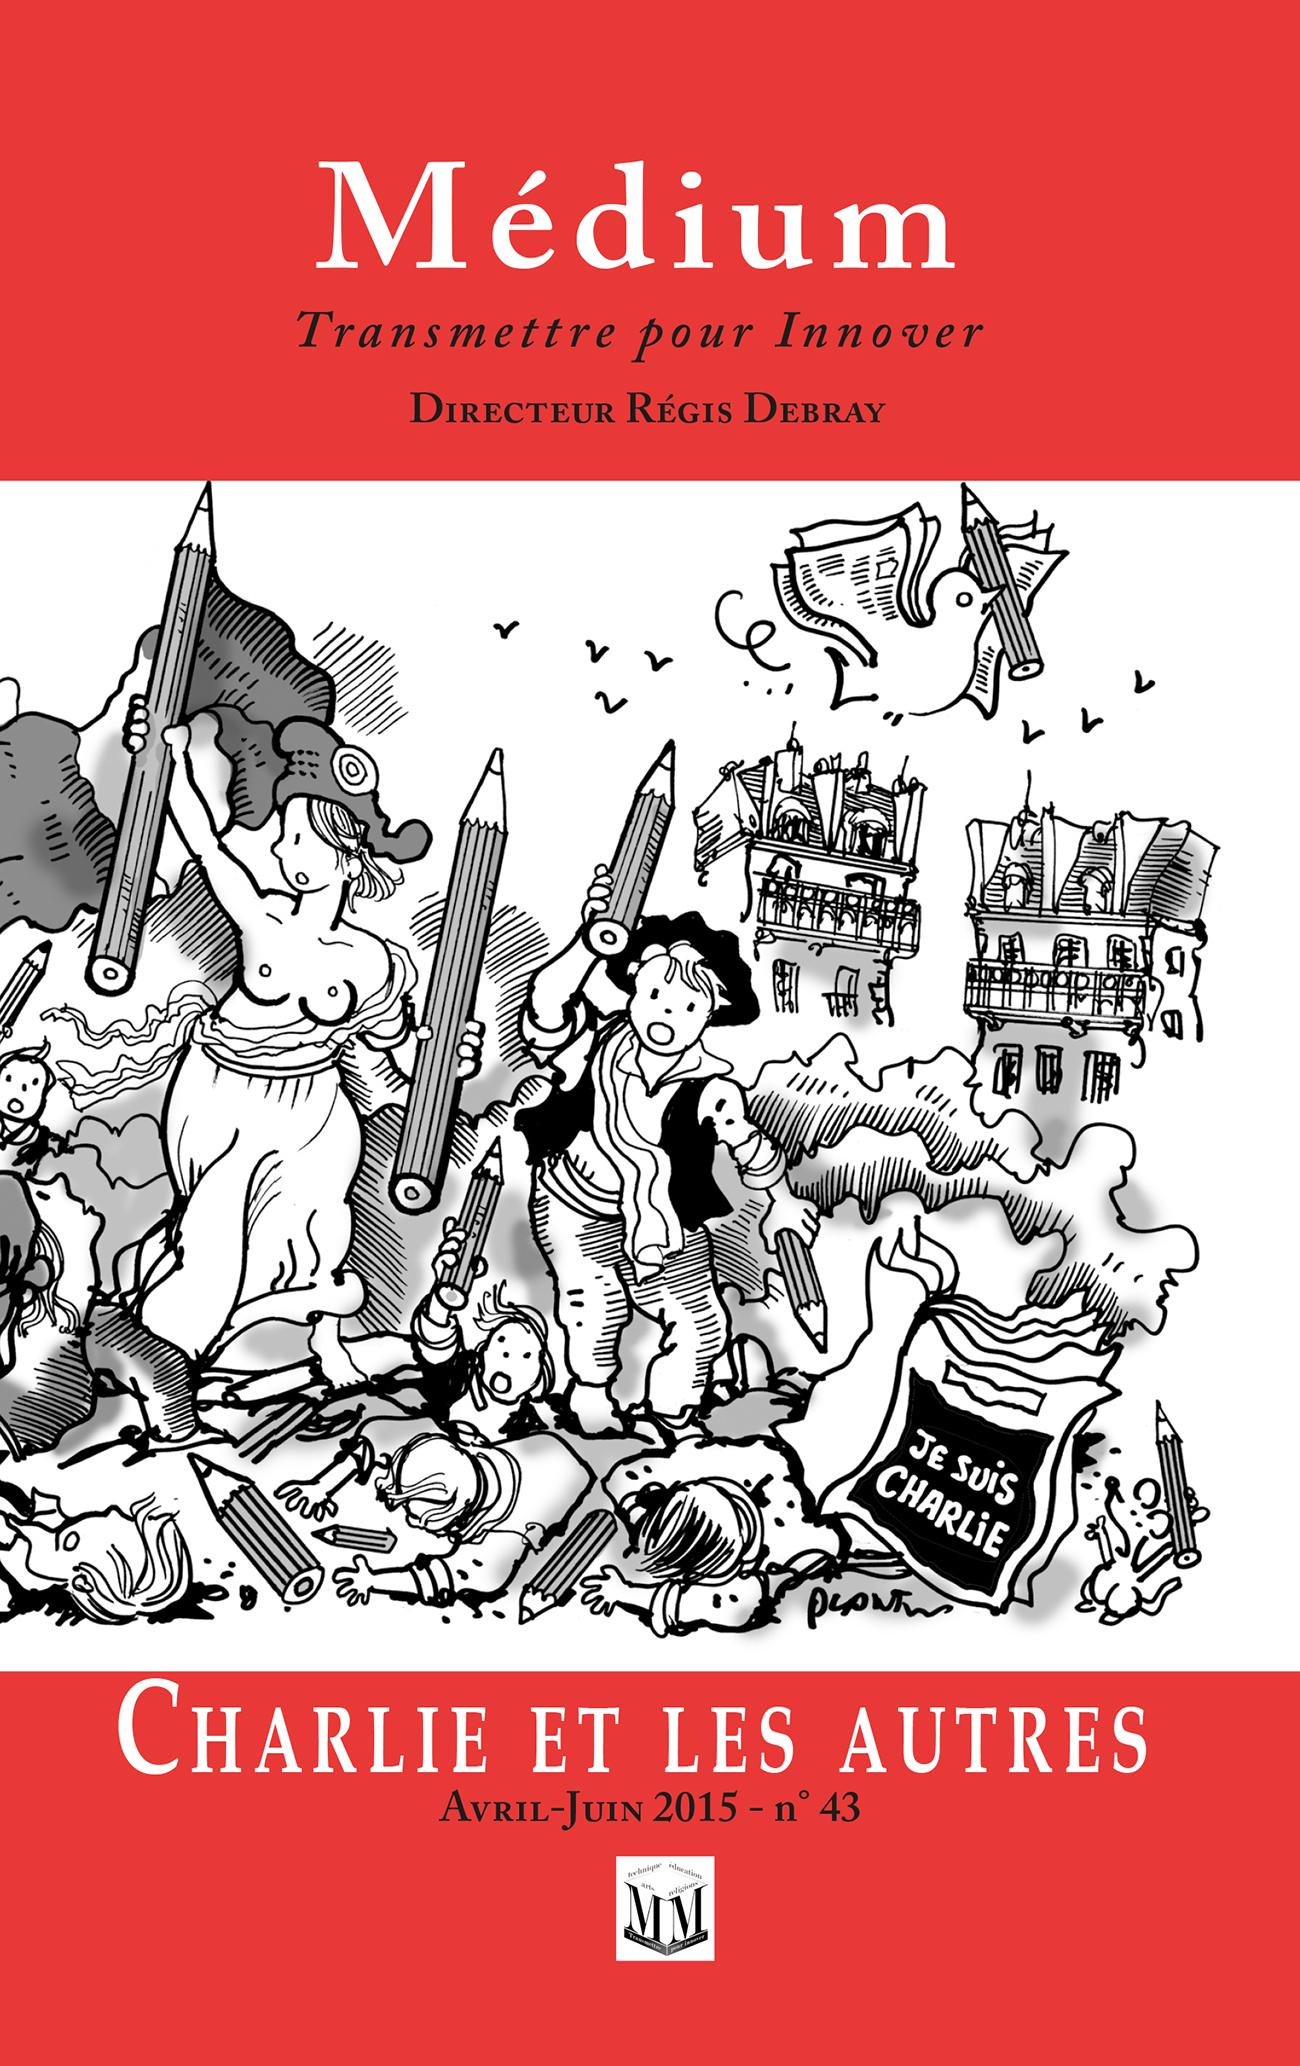 Charlie et les autres (Médium n° 43, avril-juin 2015)